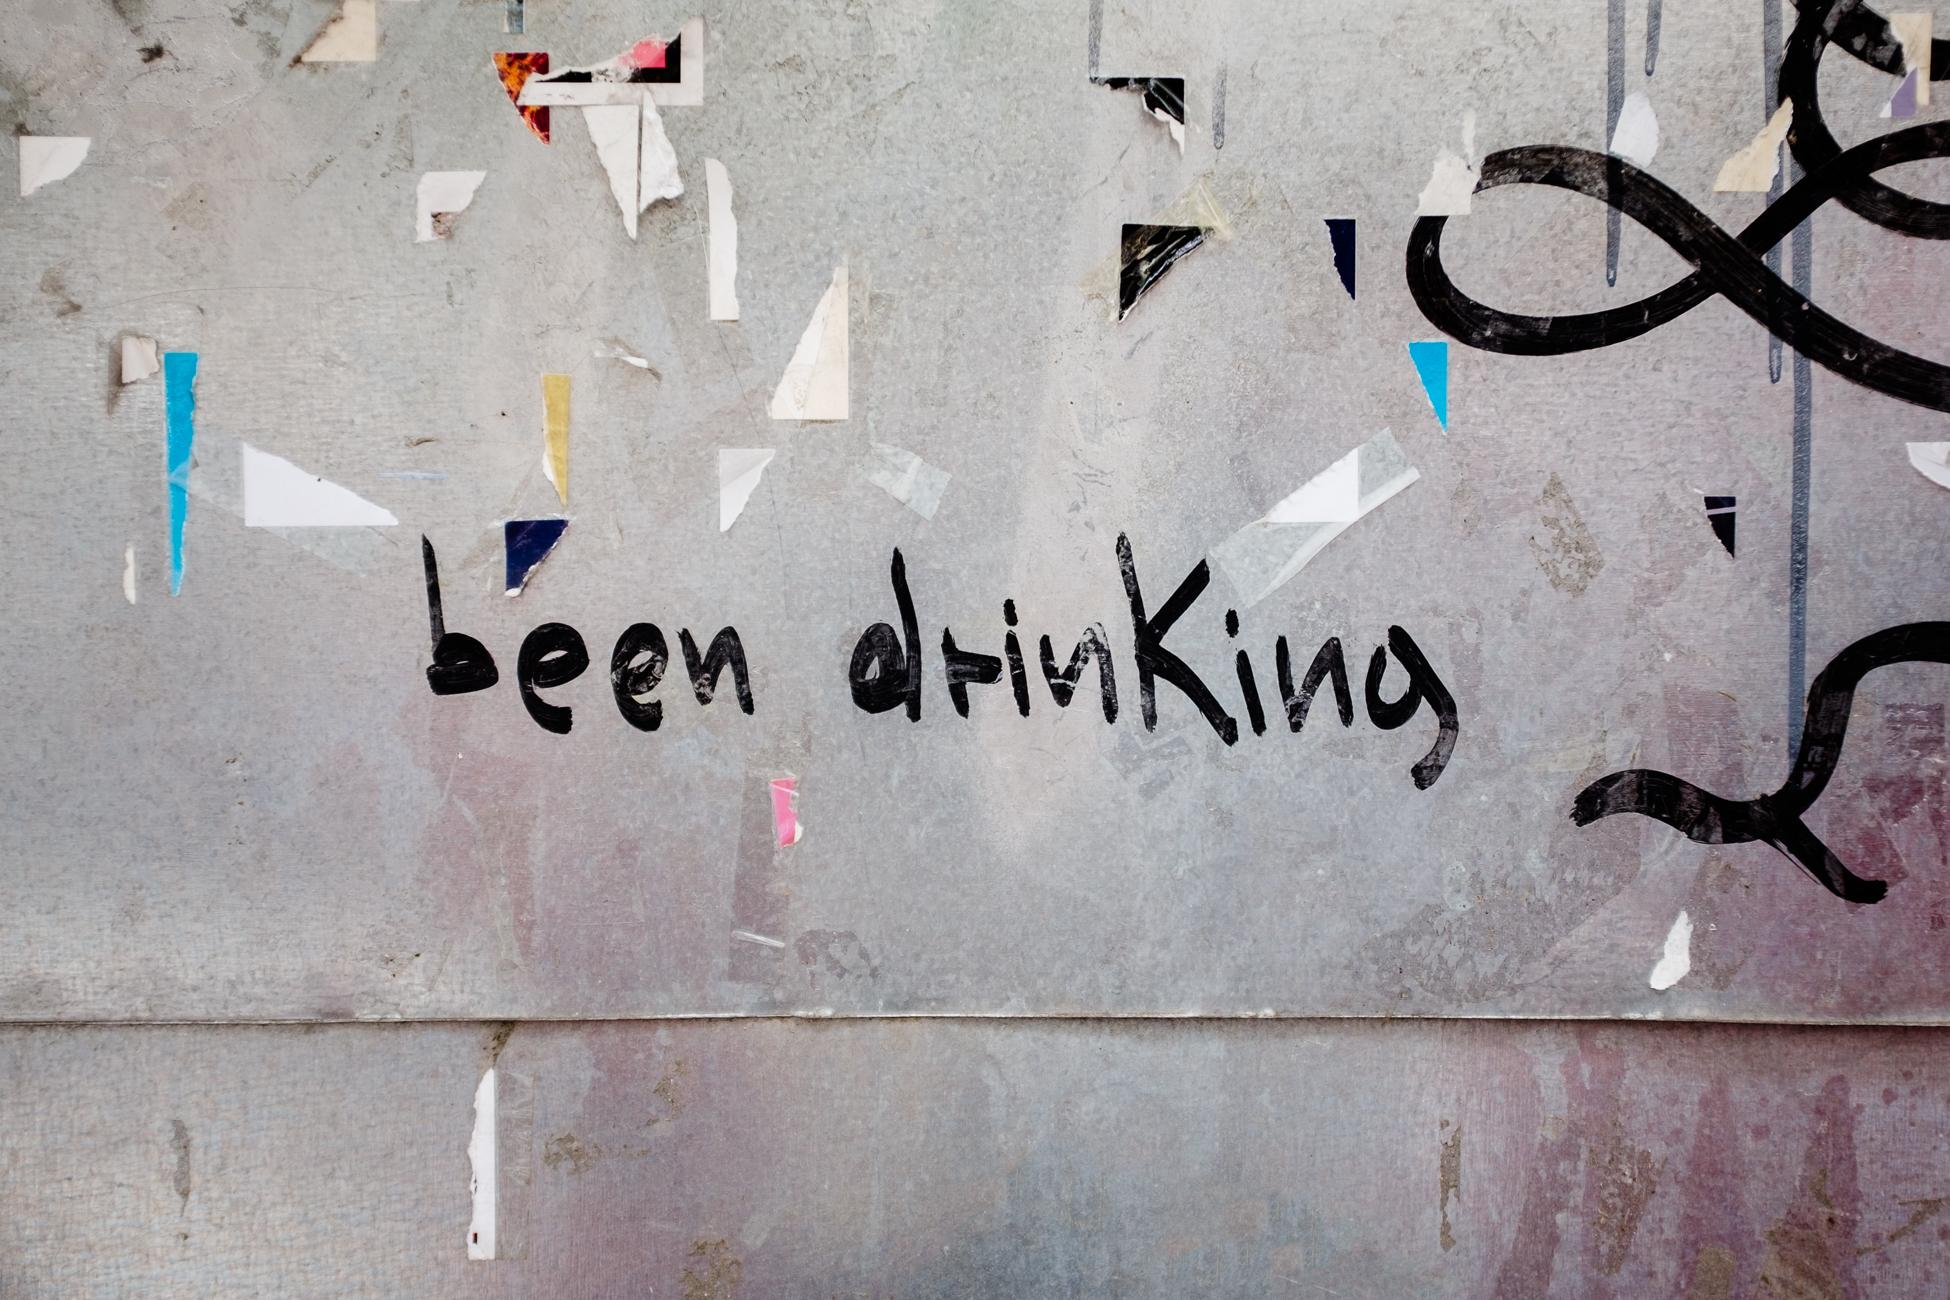 been drinking, Romania, 2017